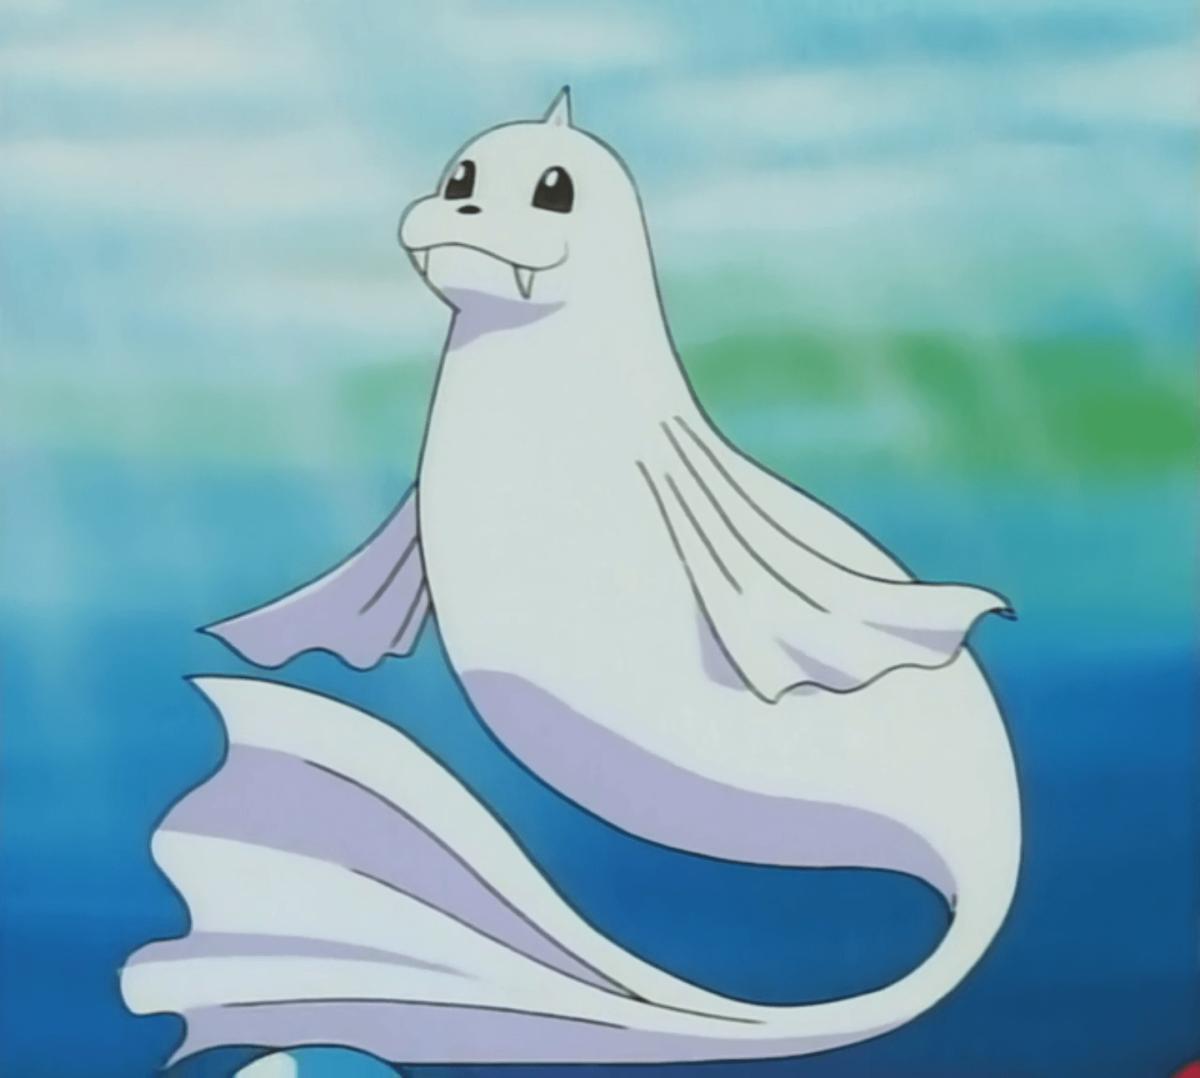 vp/ – Pokémon » Thread #26966904